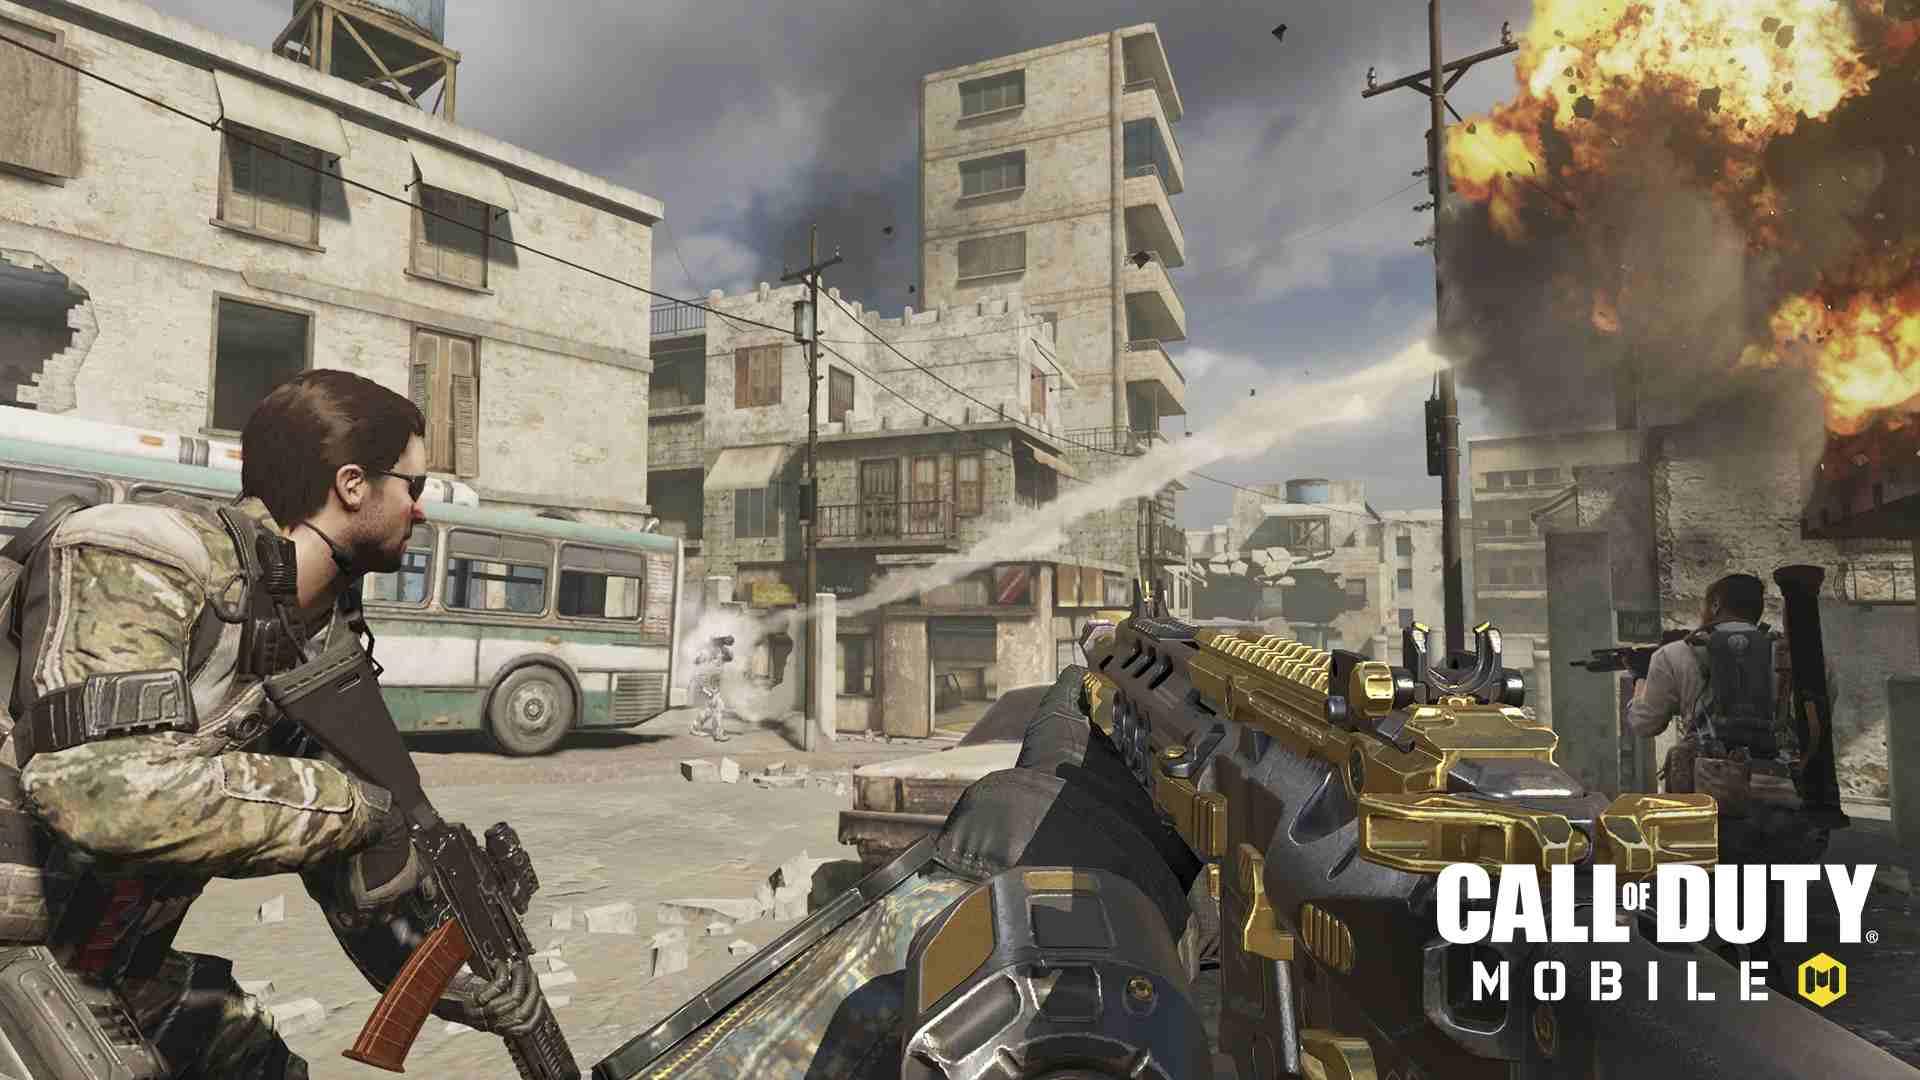 بررسی قدرتمندترین ایتم های جنگی سال 2021 بازی کالاف دیوتی موبایل